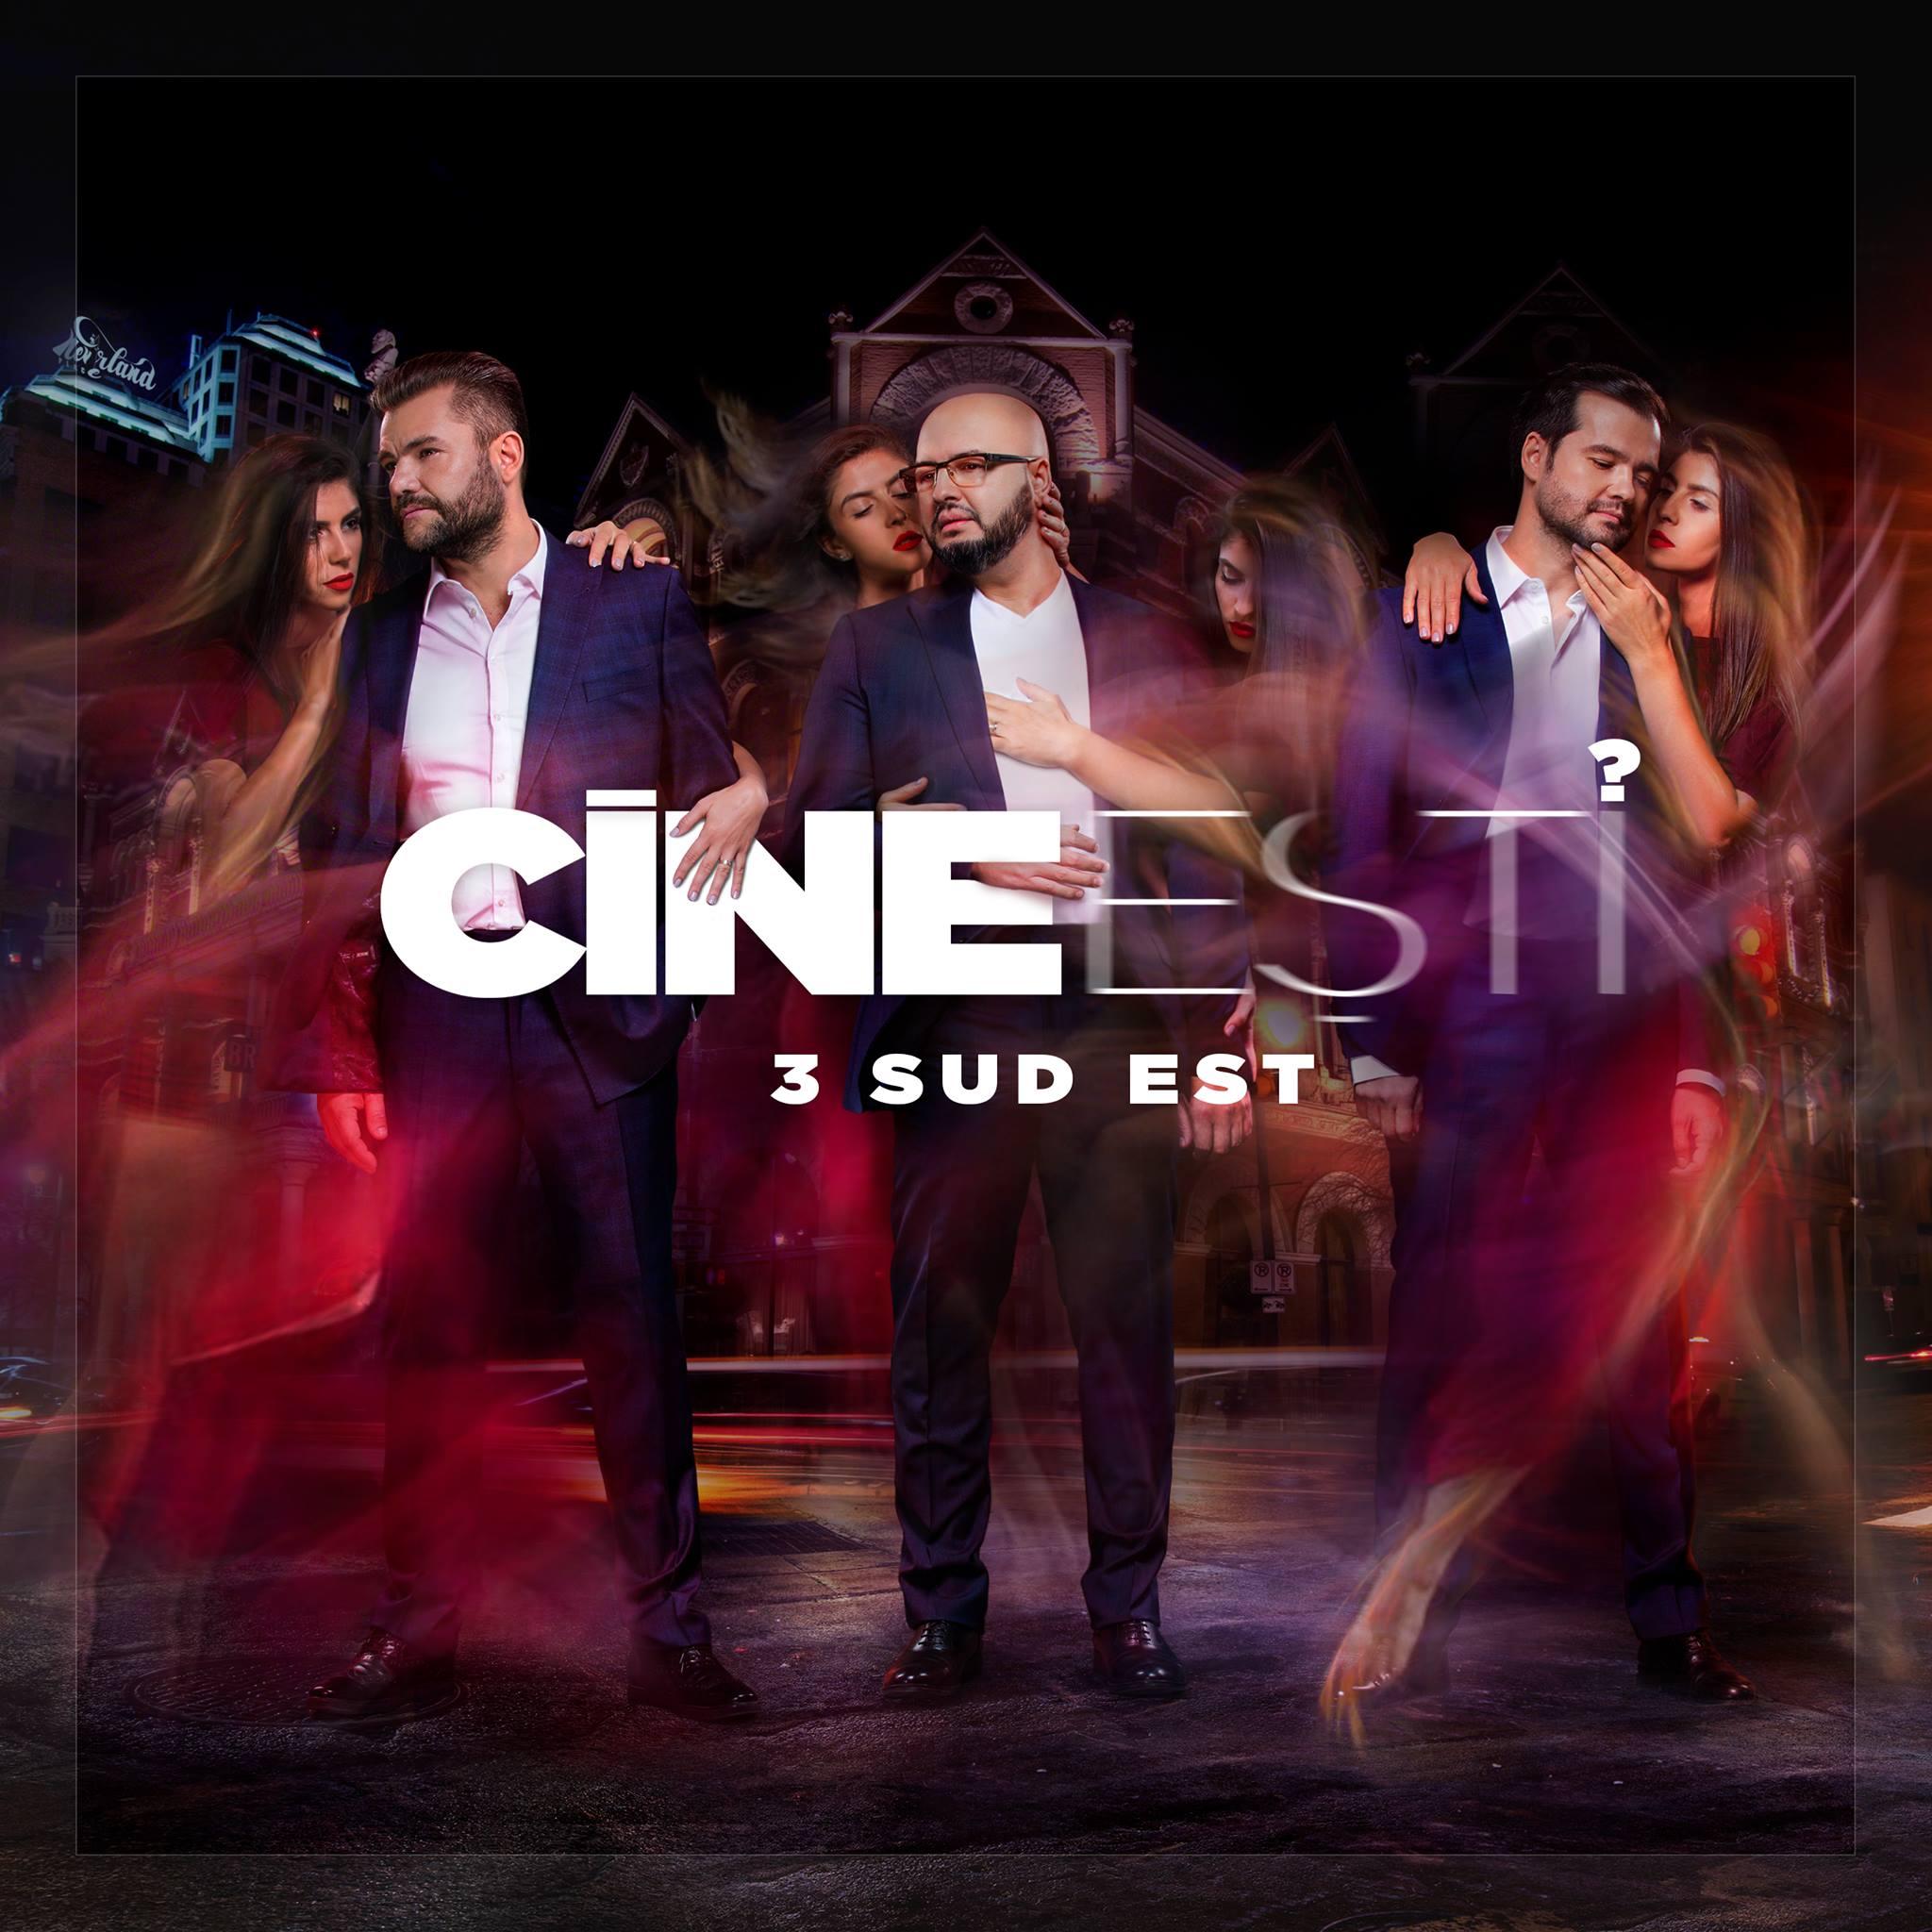 """3 Sud Est lanseaza single-ul """"Cine esti?"""""""